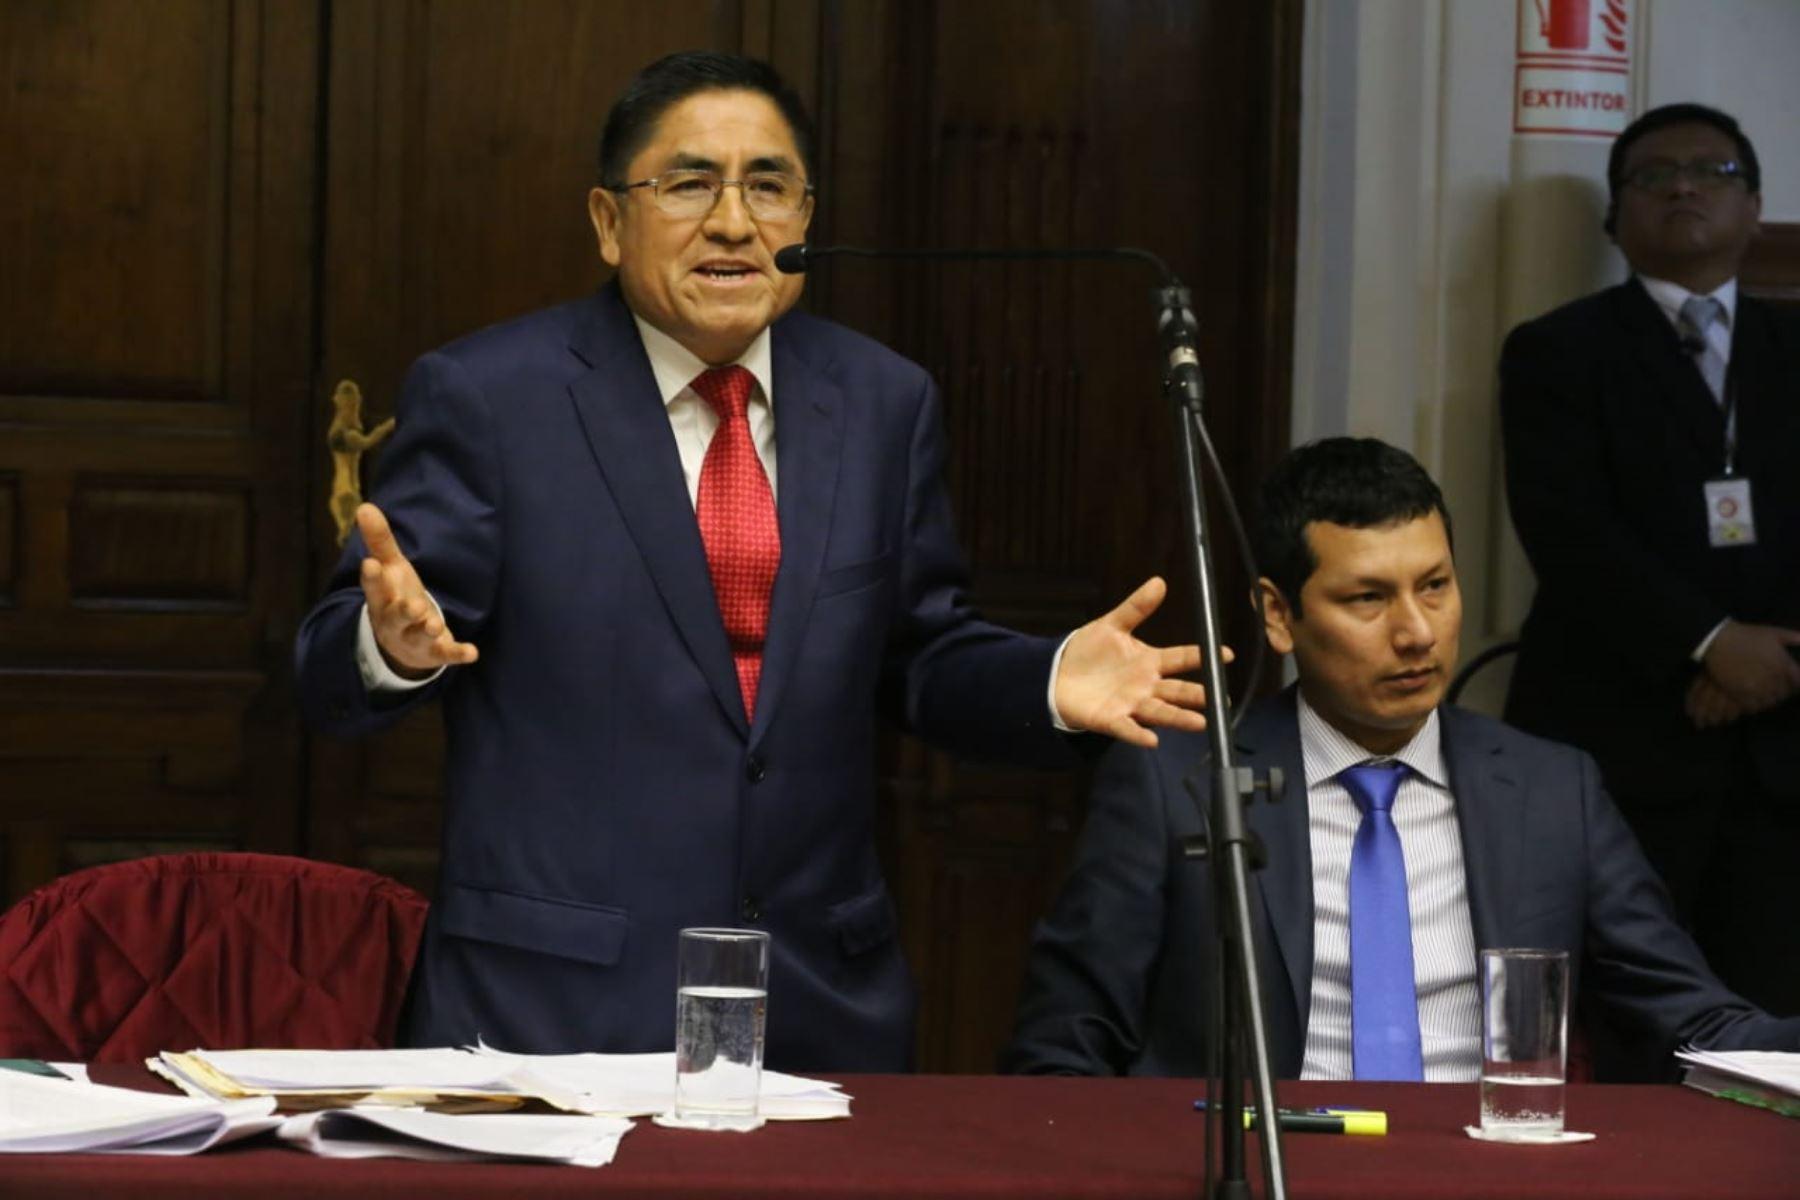 Perú: Ministerio de justicia remite el cuaderno de extradición de Hinostroza a la Fiscalía